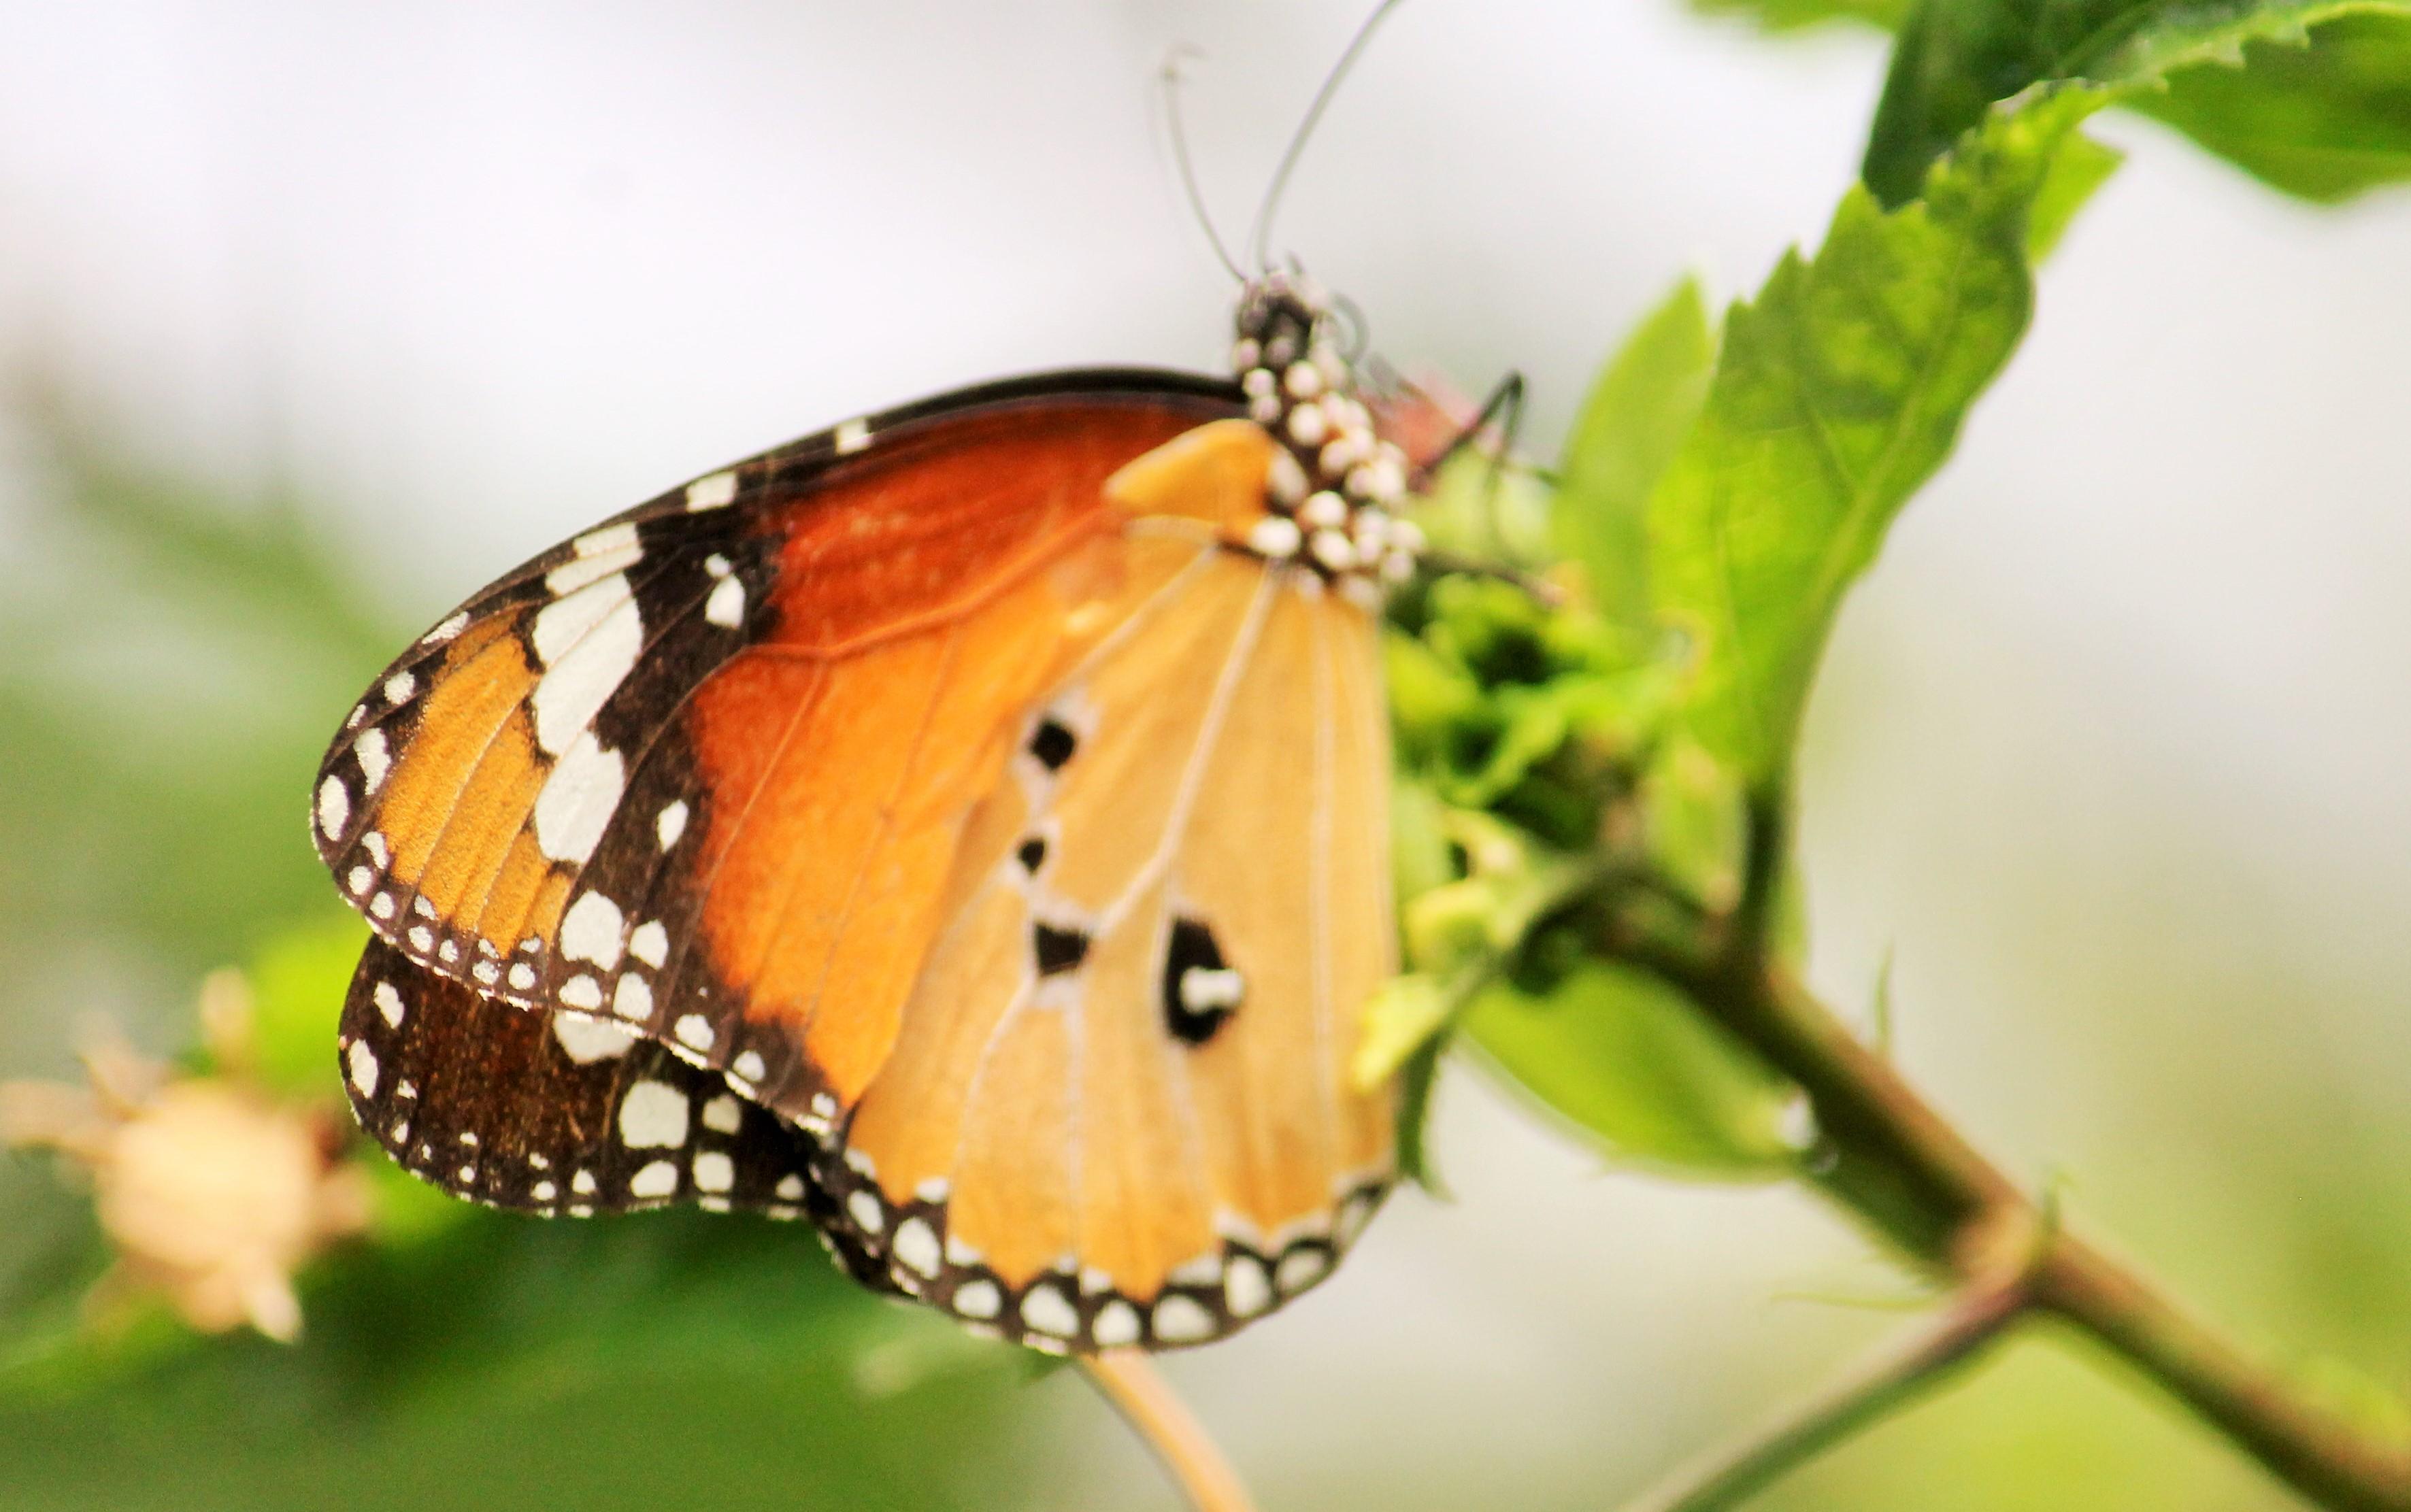 sofspics, butterfly